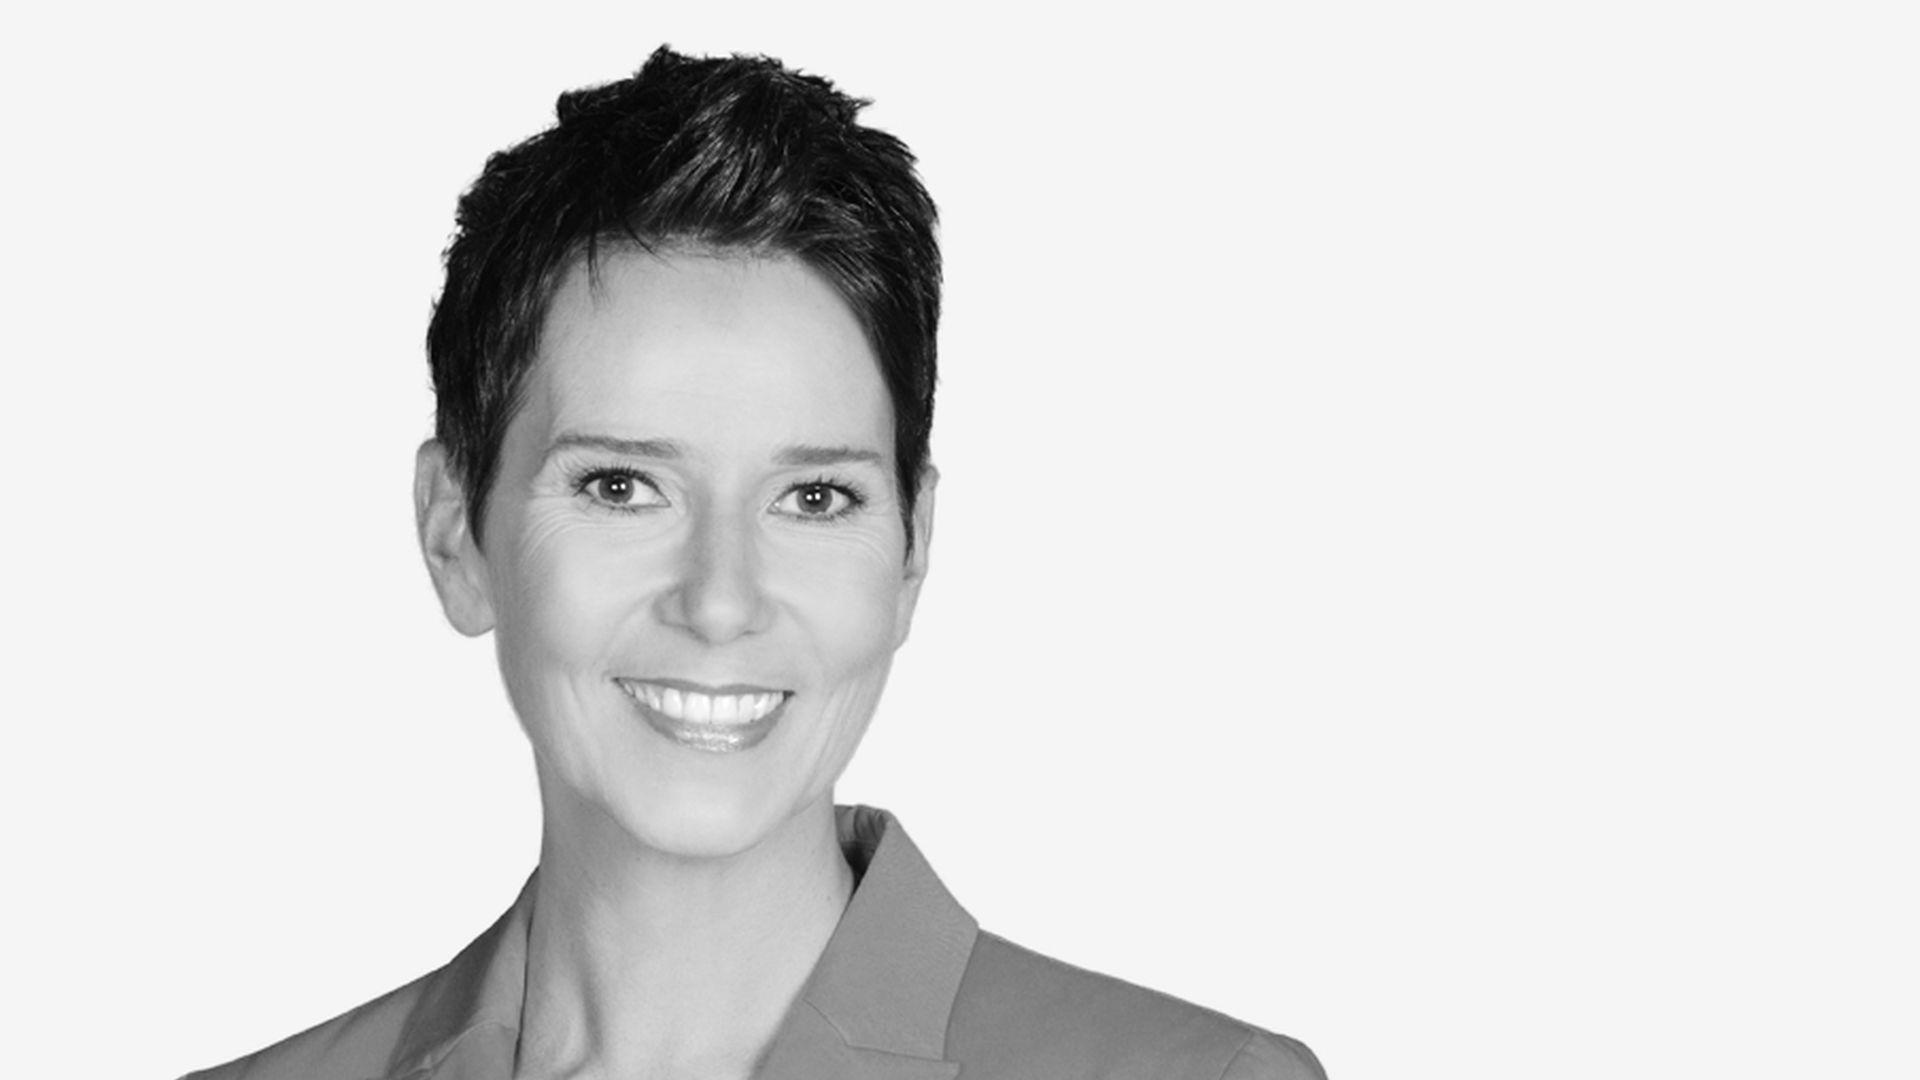 Qvc Moderator Gestorben 2018: Große Trauer: Sat.1-Moderatorin Mit Nur 45 Jahren